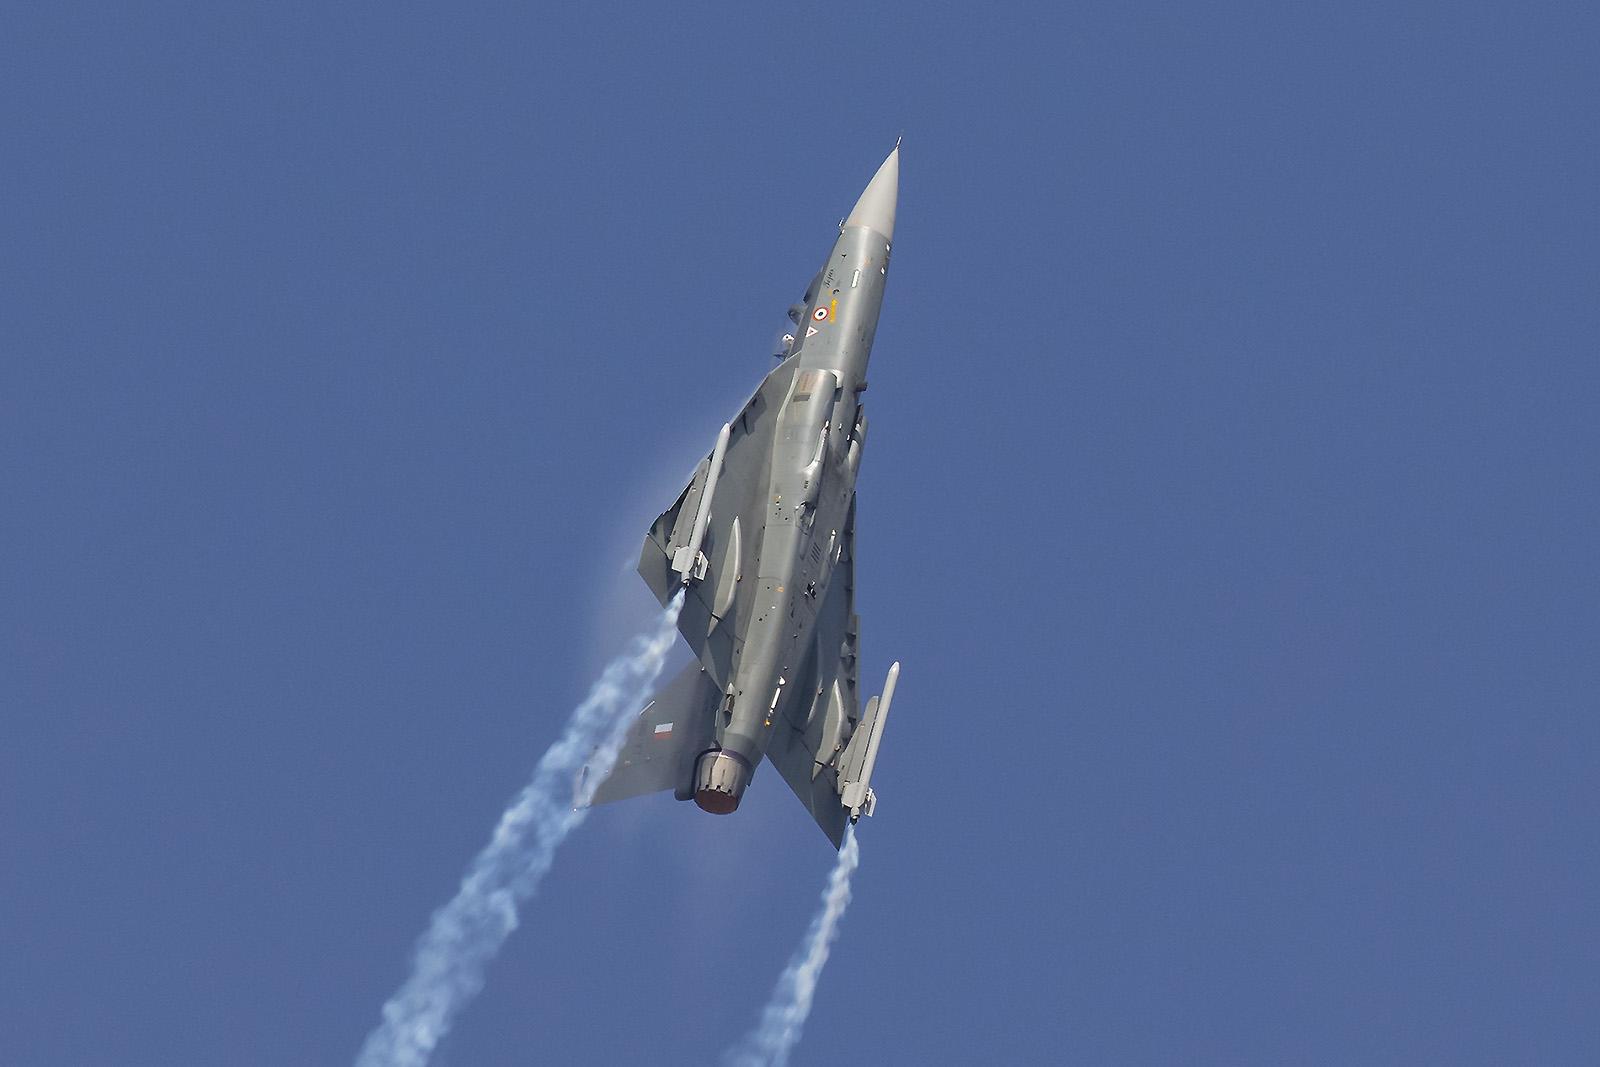 Vom Tejas wird derzeit eine neue Version entwickelt, auch die indische Luftwaffe ist nicht gänzlich zufrieden mit den Leistungen der aktuellen Variante.